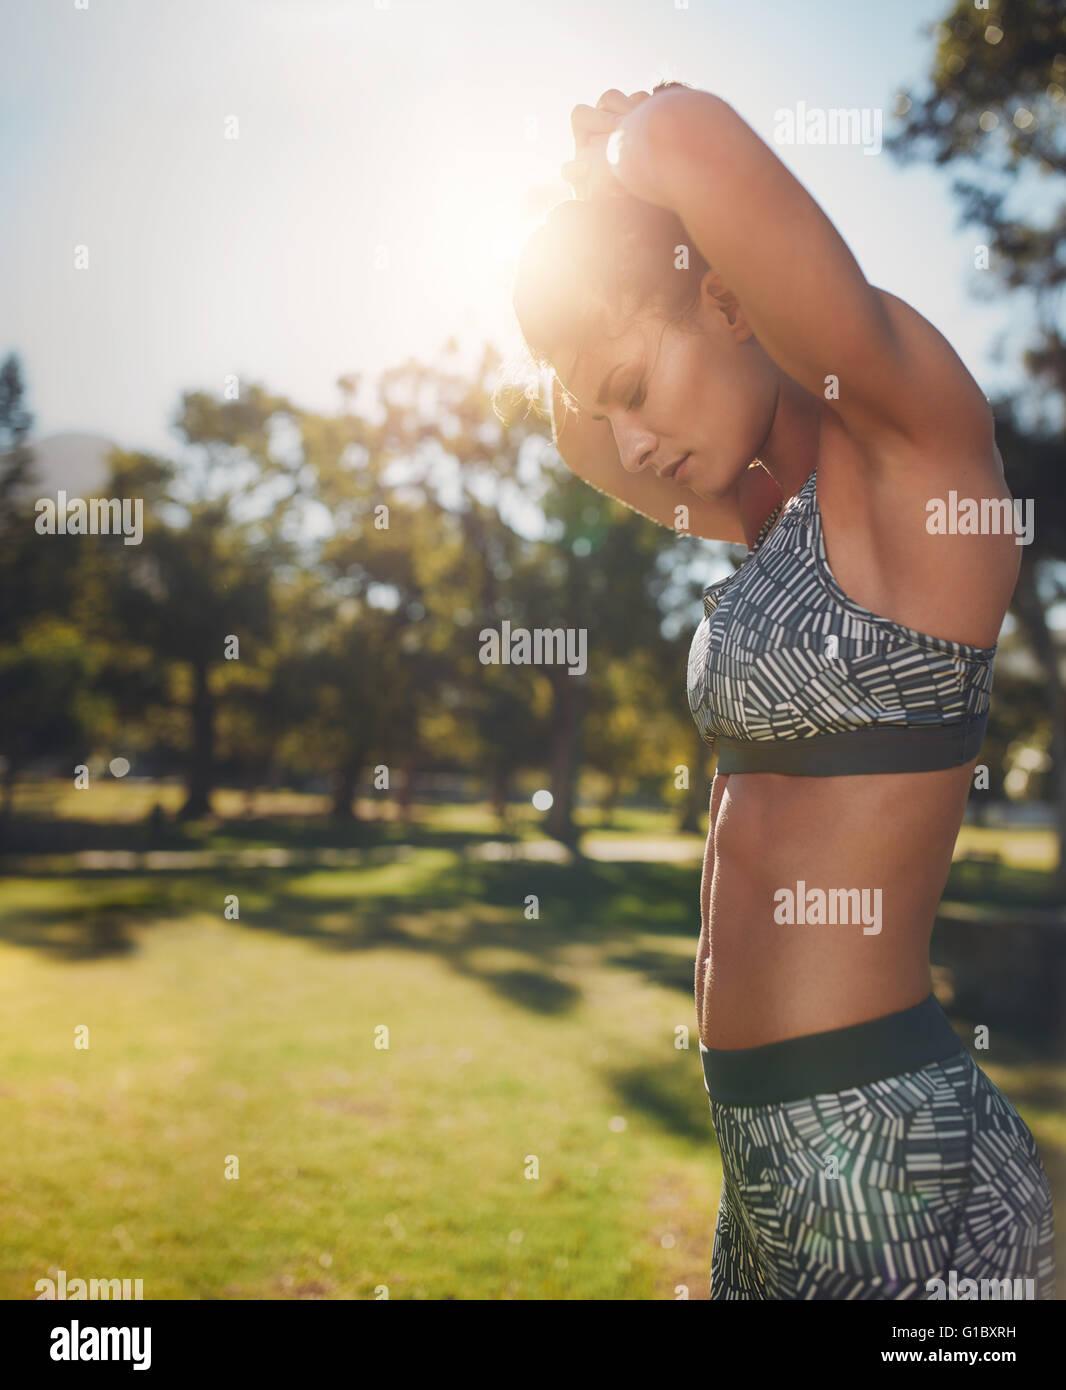 Vista lateral de ajuste de imagen joven algo de ejercicio en el parque. Mujeres Saludables con fuertes seis-embala Imagen De Stock